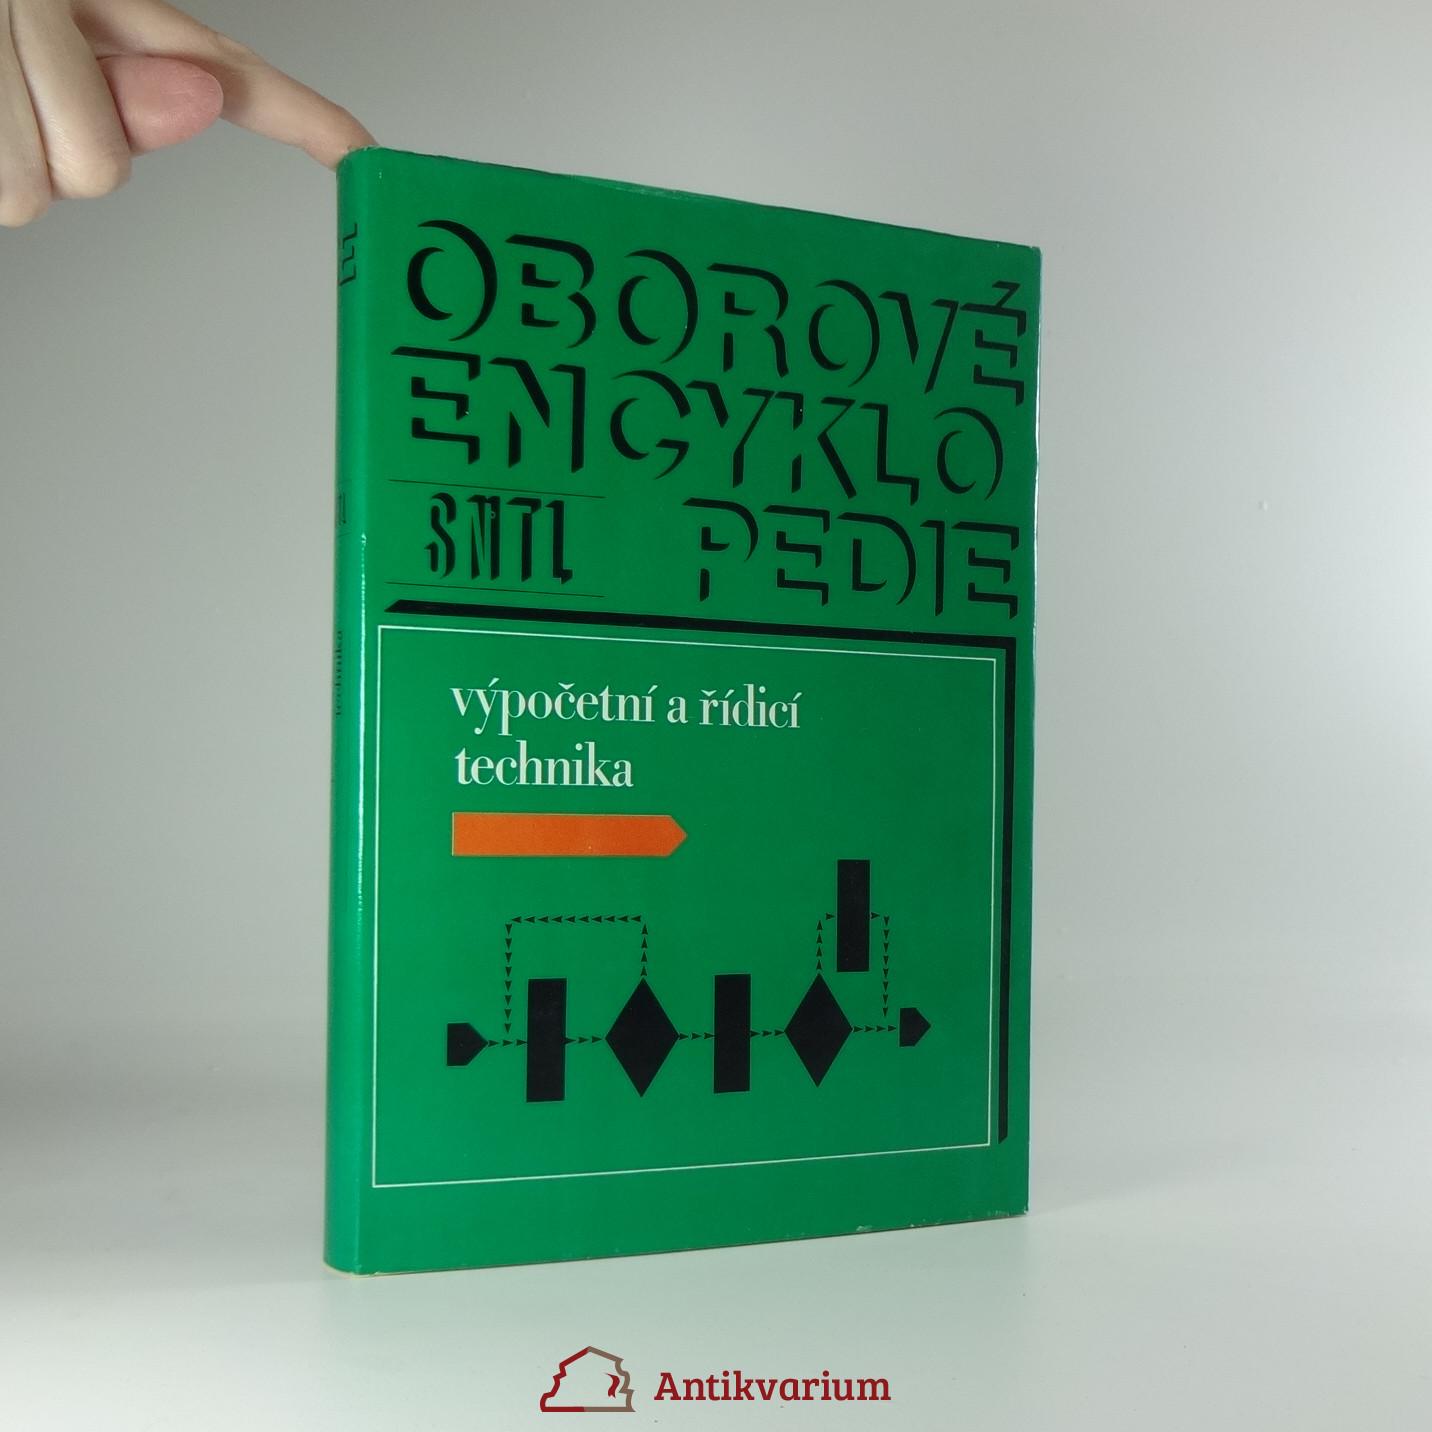 antikvární kniha Oborové encyklopedie - výpočetní a řídicí technika, 1982